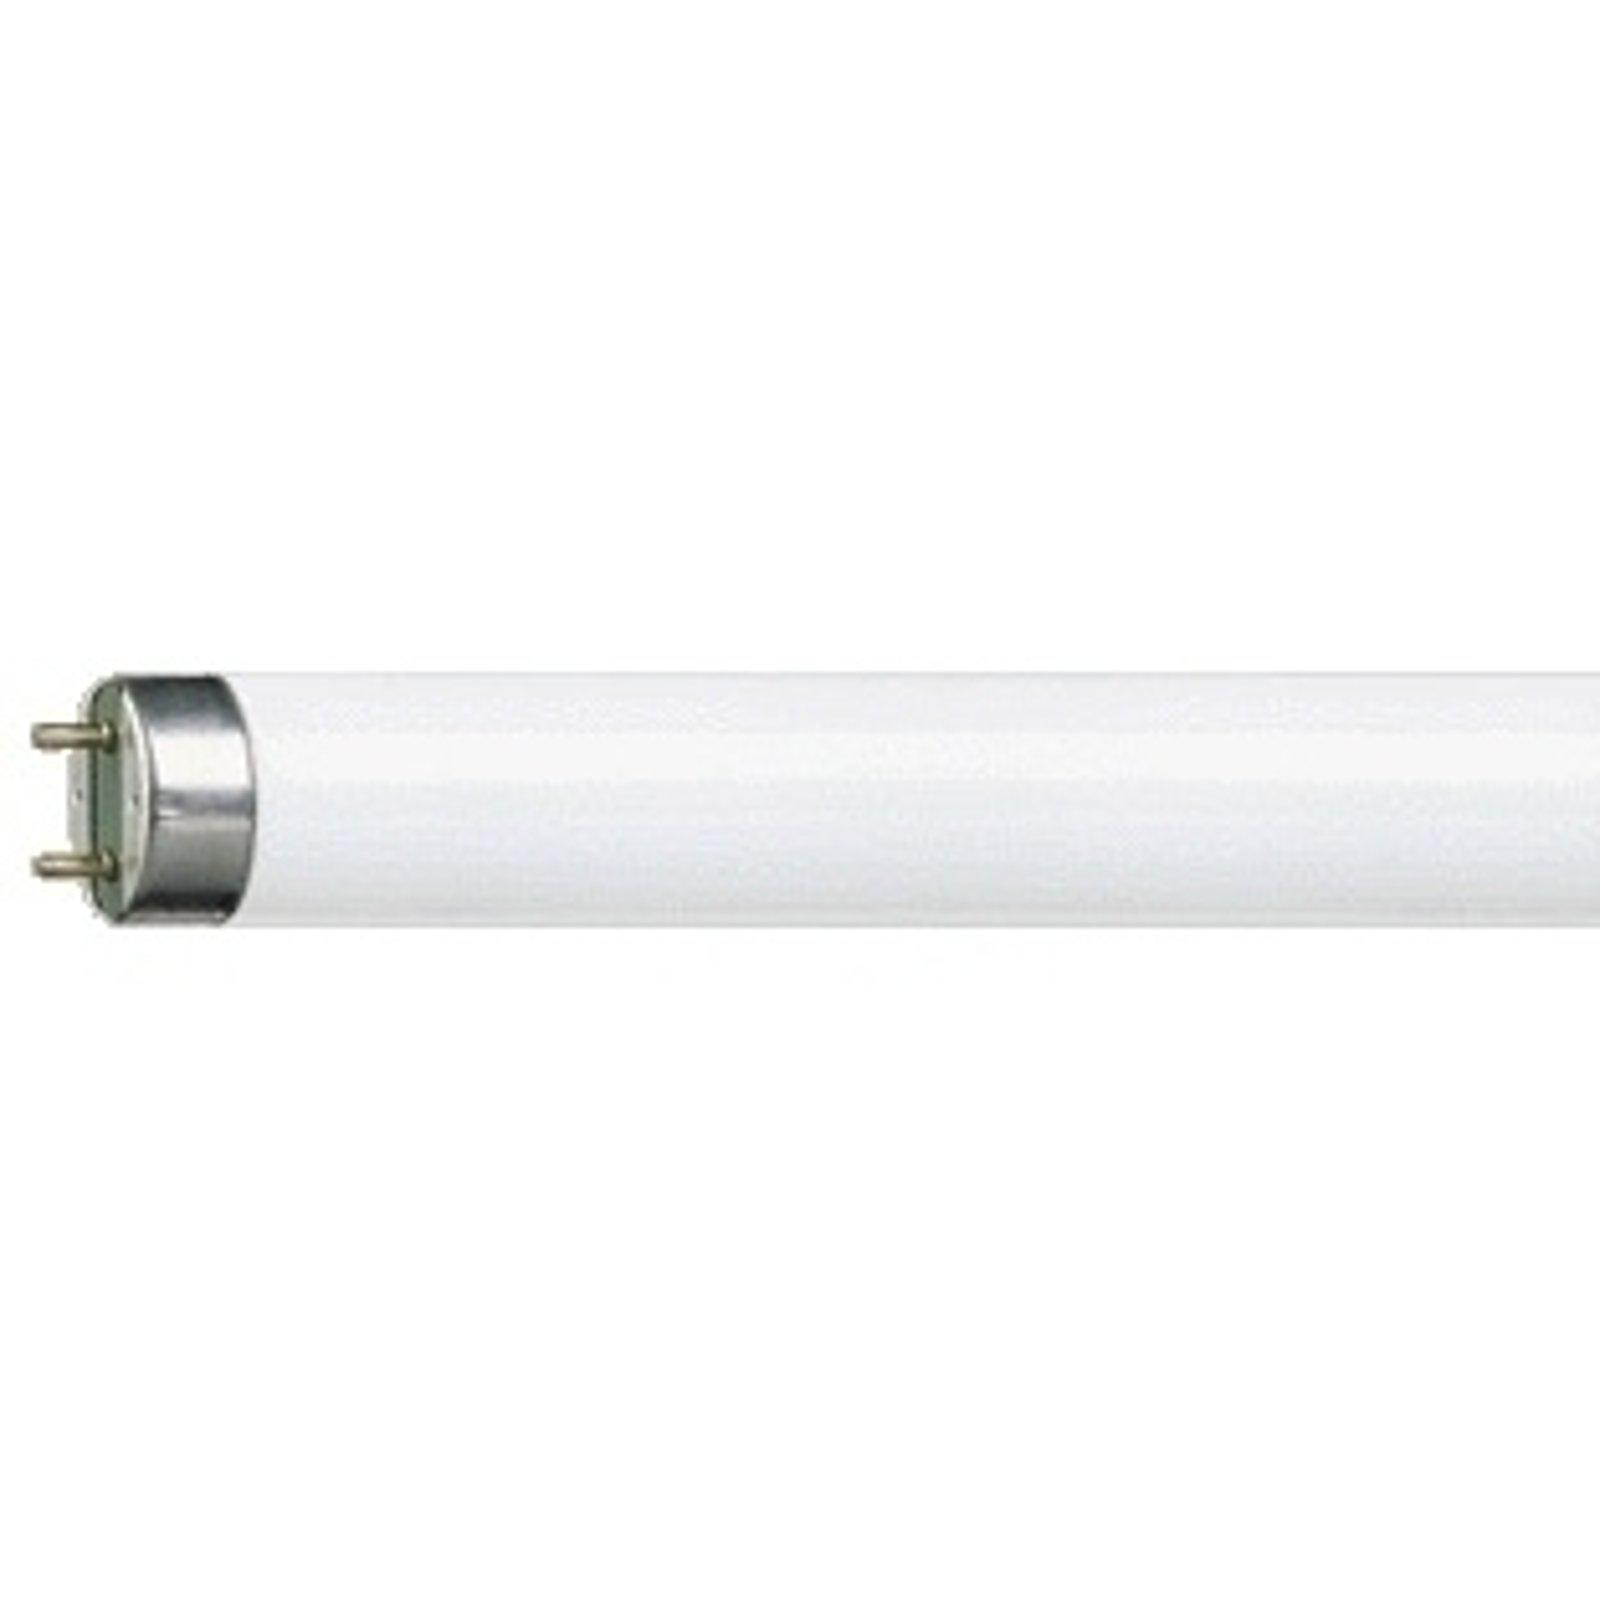 G13 T8-lyspære MASTER TL-D Super 58W/865